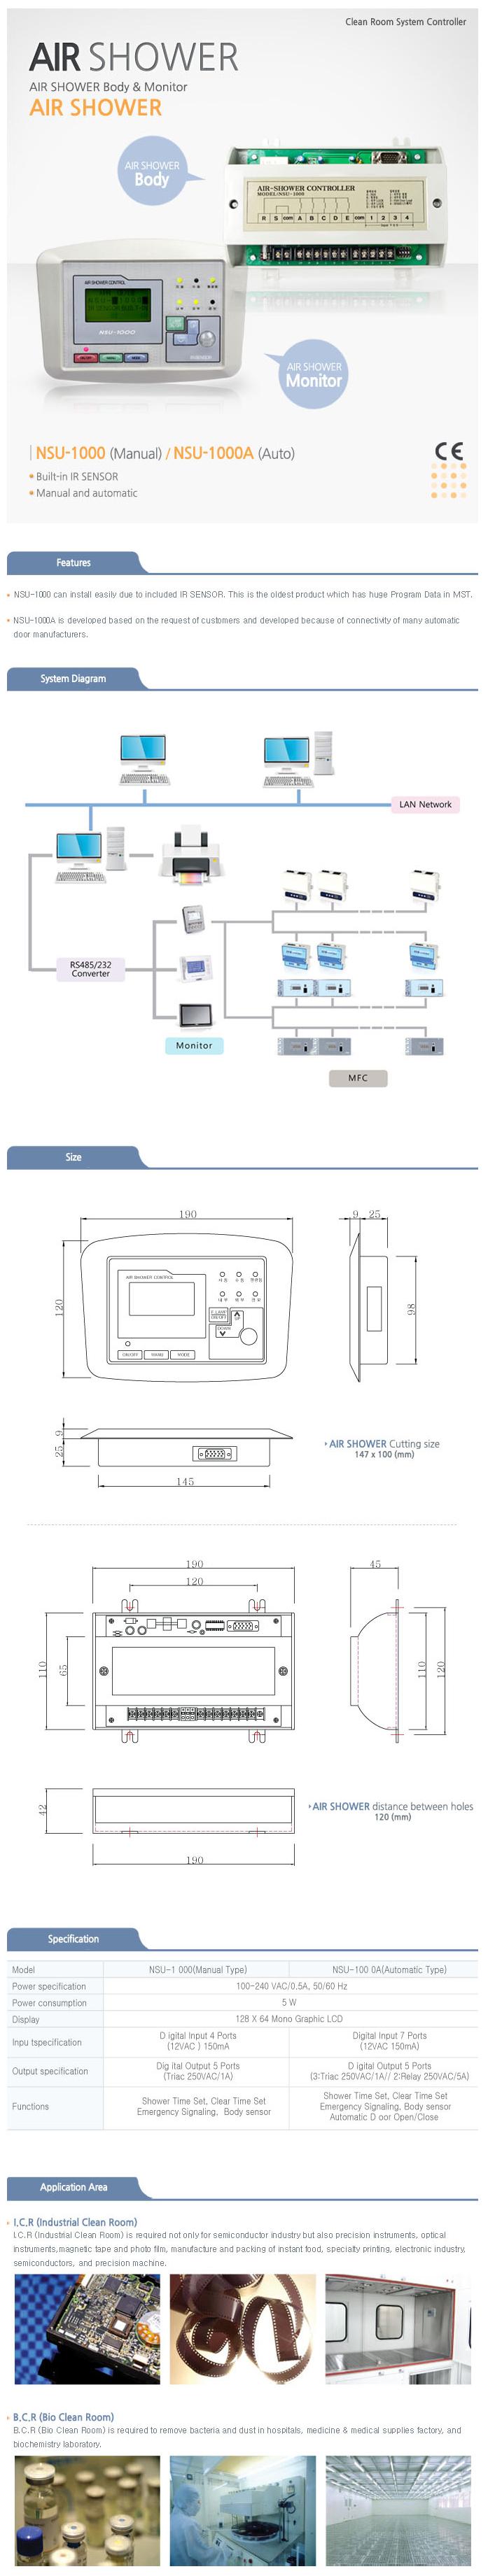 MST Air Shower NSU-1000 (Manual) / NSU-1000A (Auto)